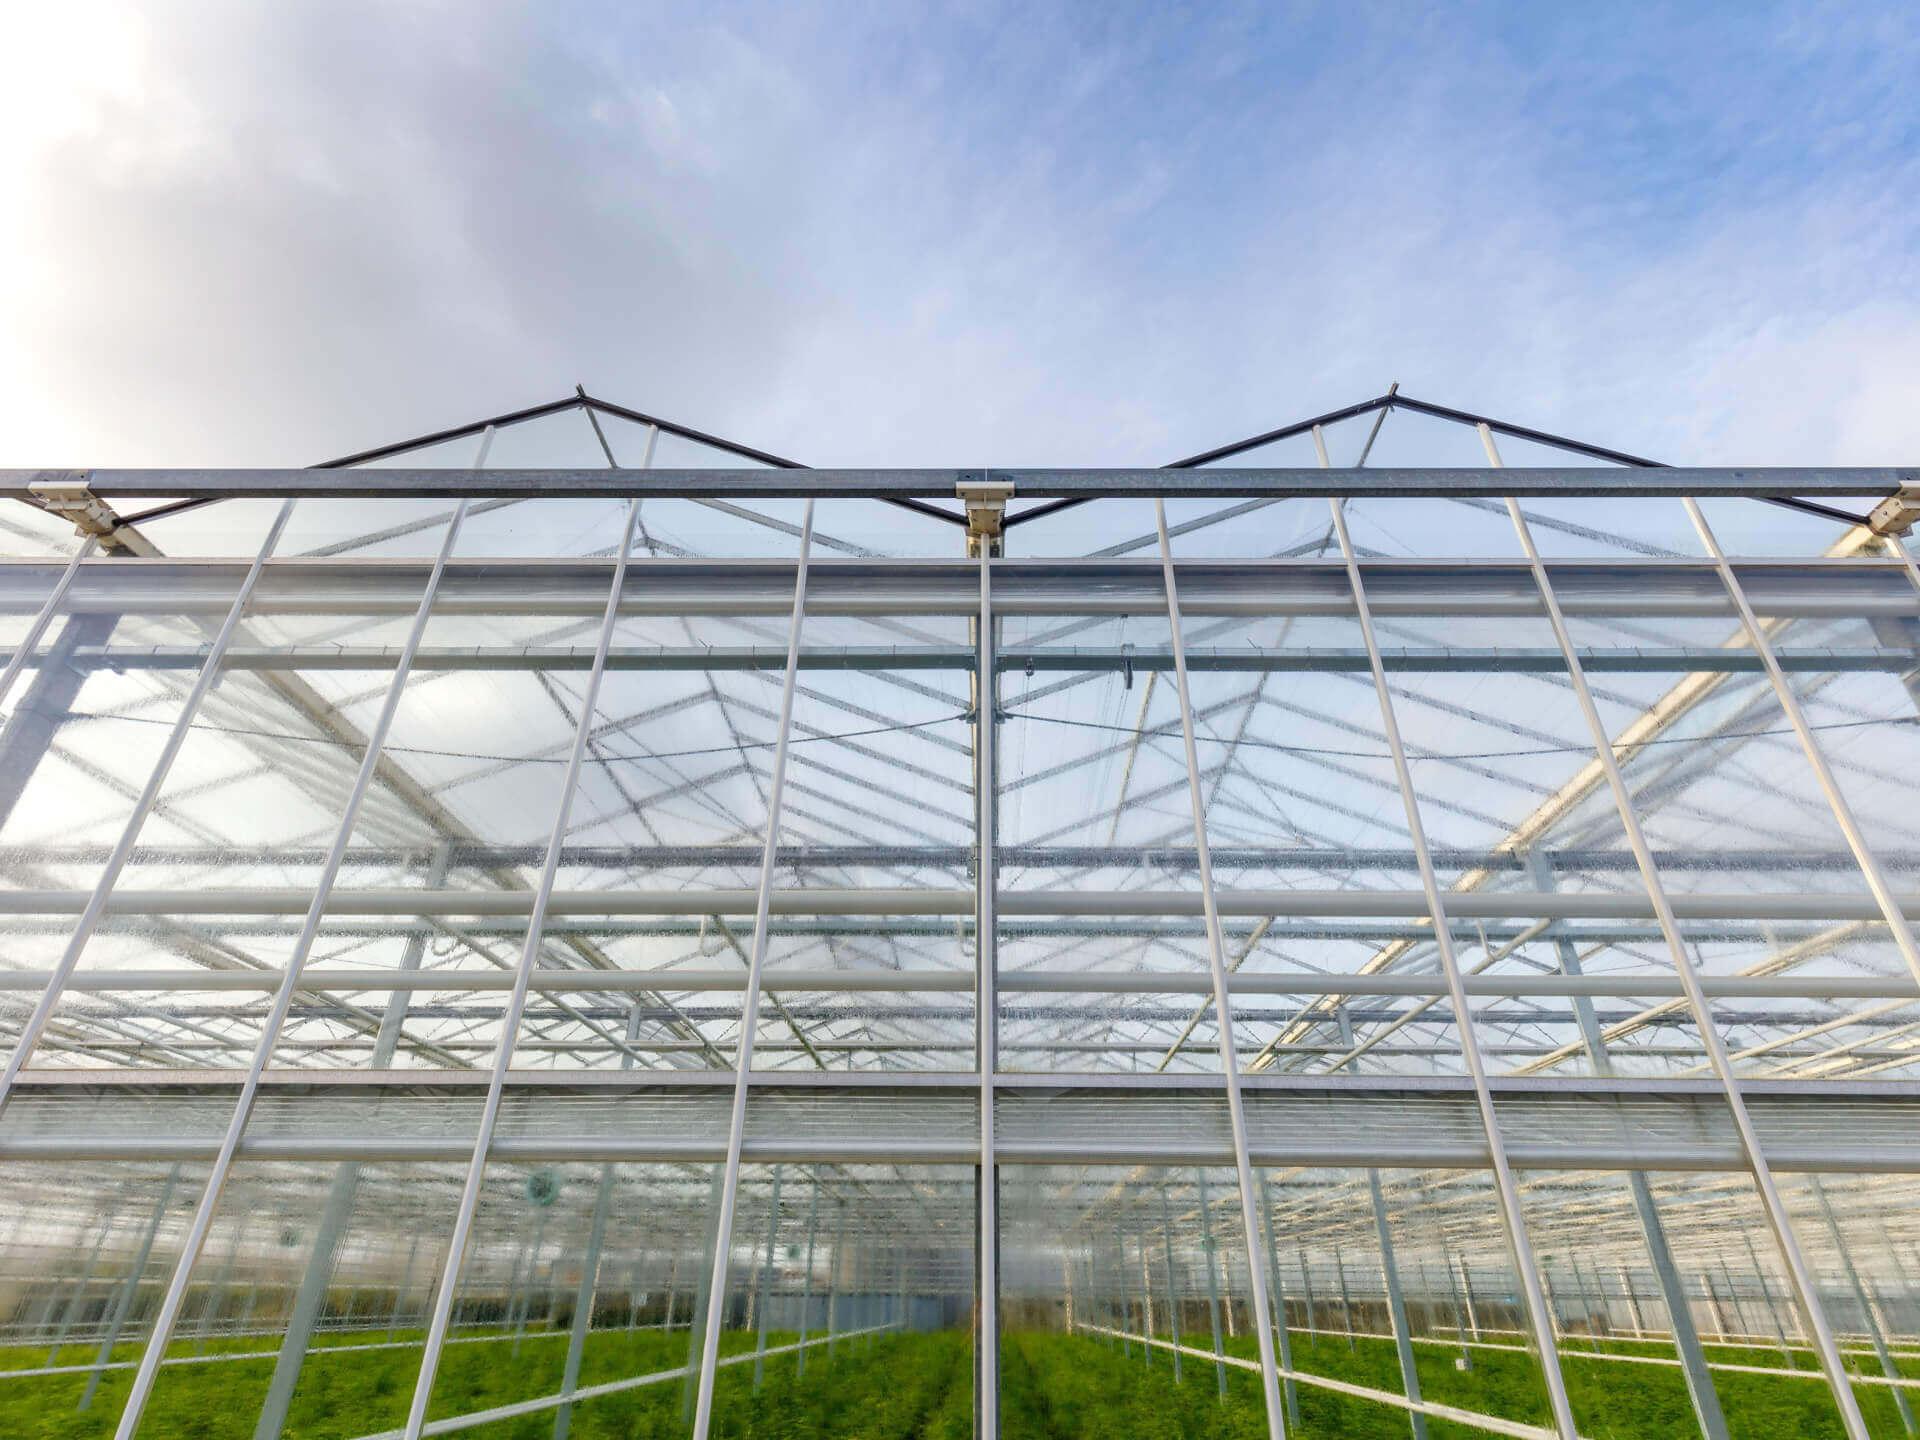 20180130 C 52 Hogervorst Tabben HTgreenhouses kassenbouw sloop kasmaterialen